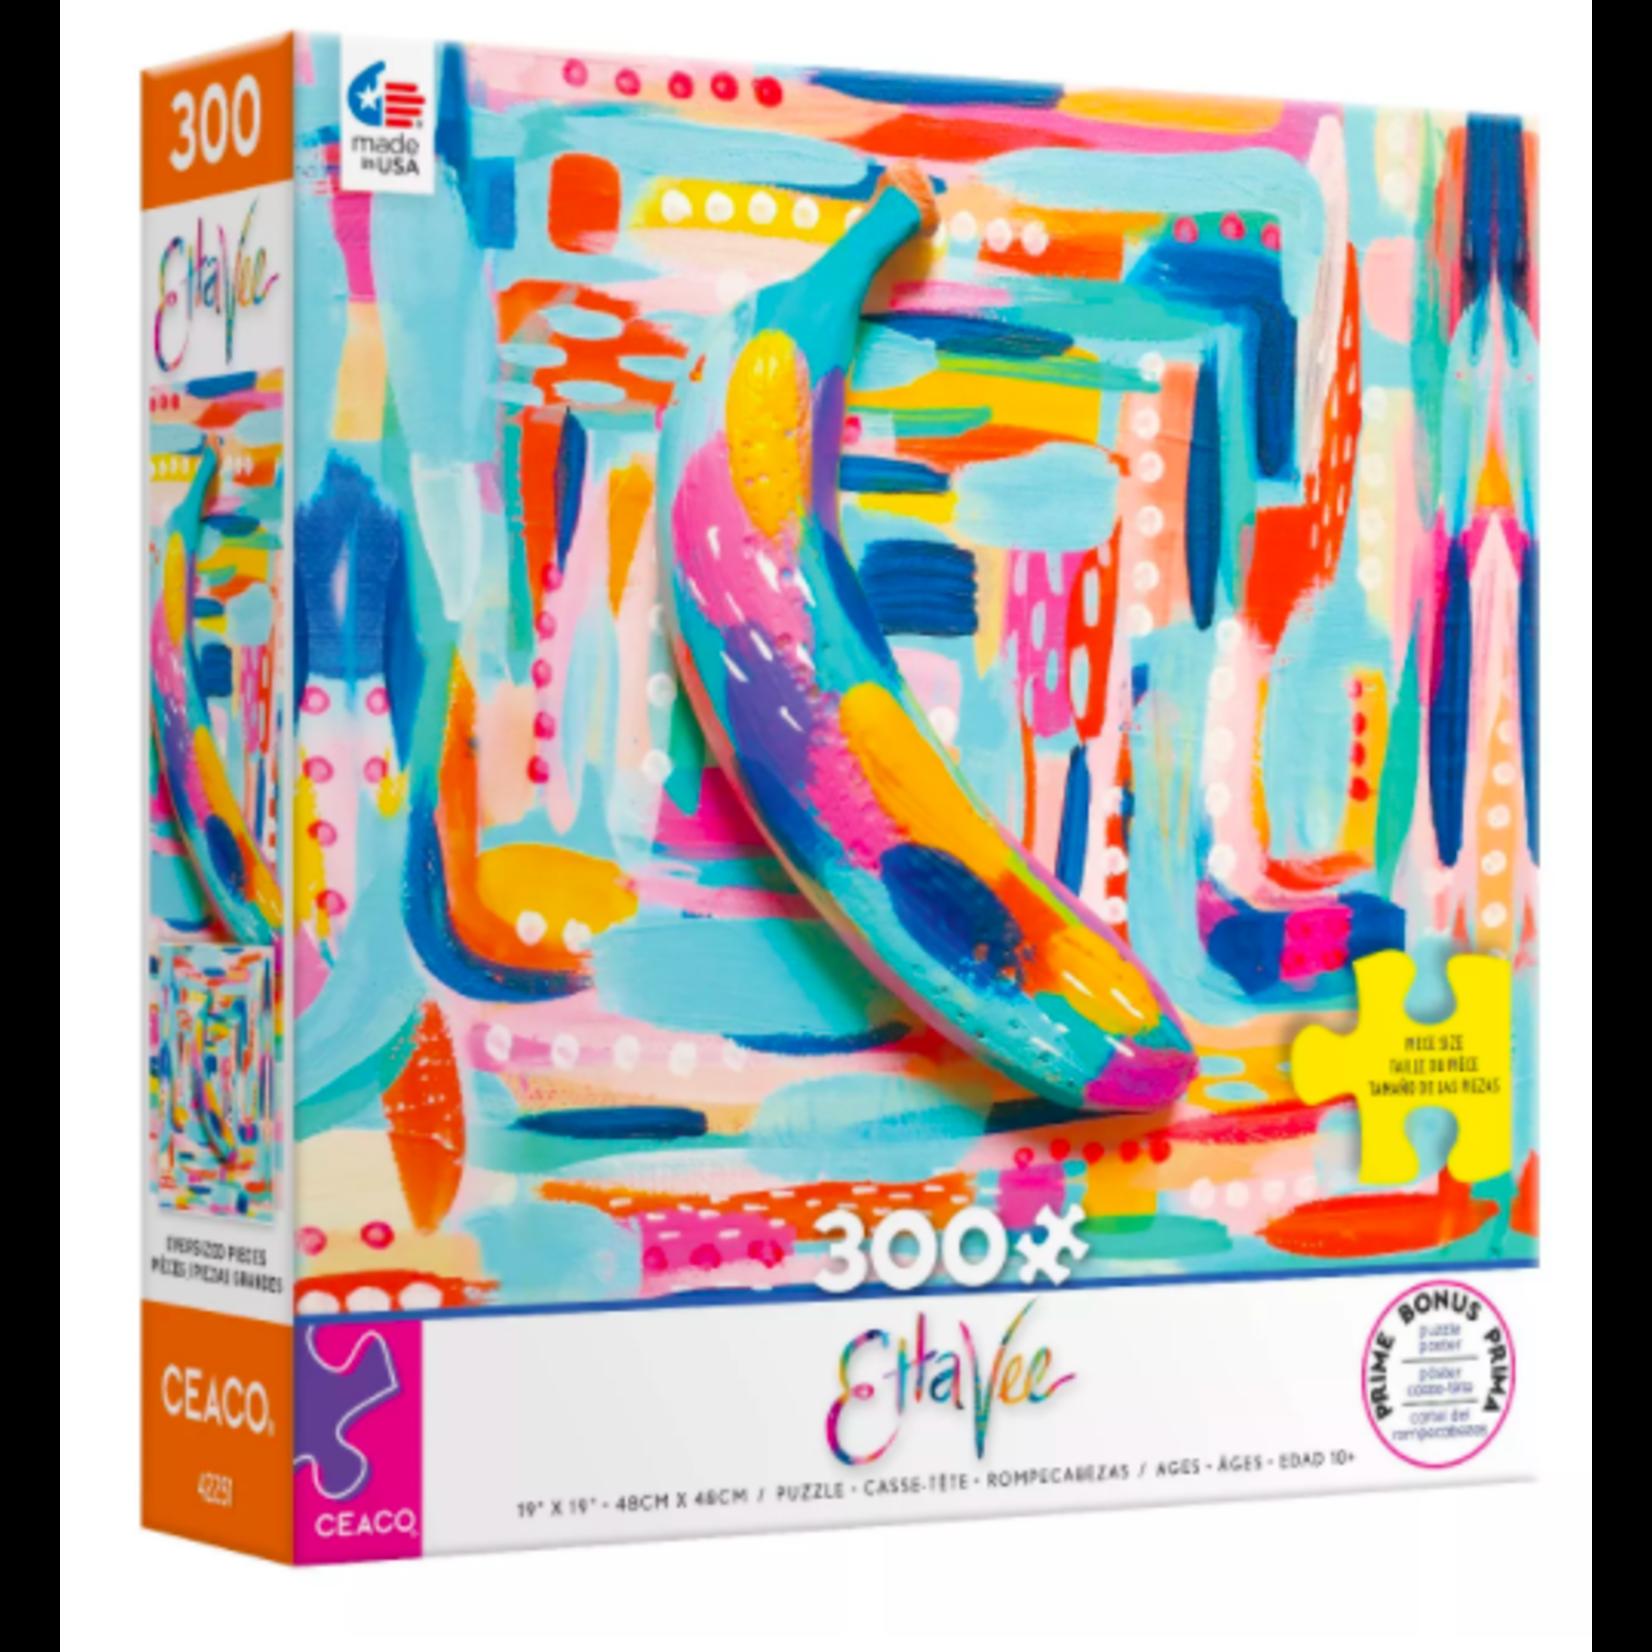 Ceaco Etta Vee Banana Puzzle (300 pieces)